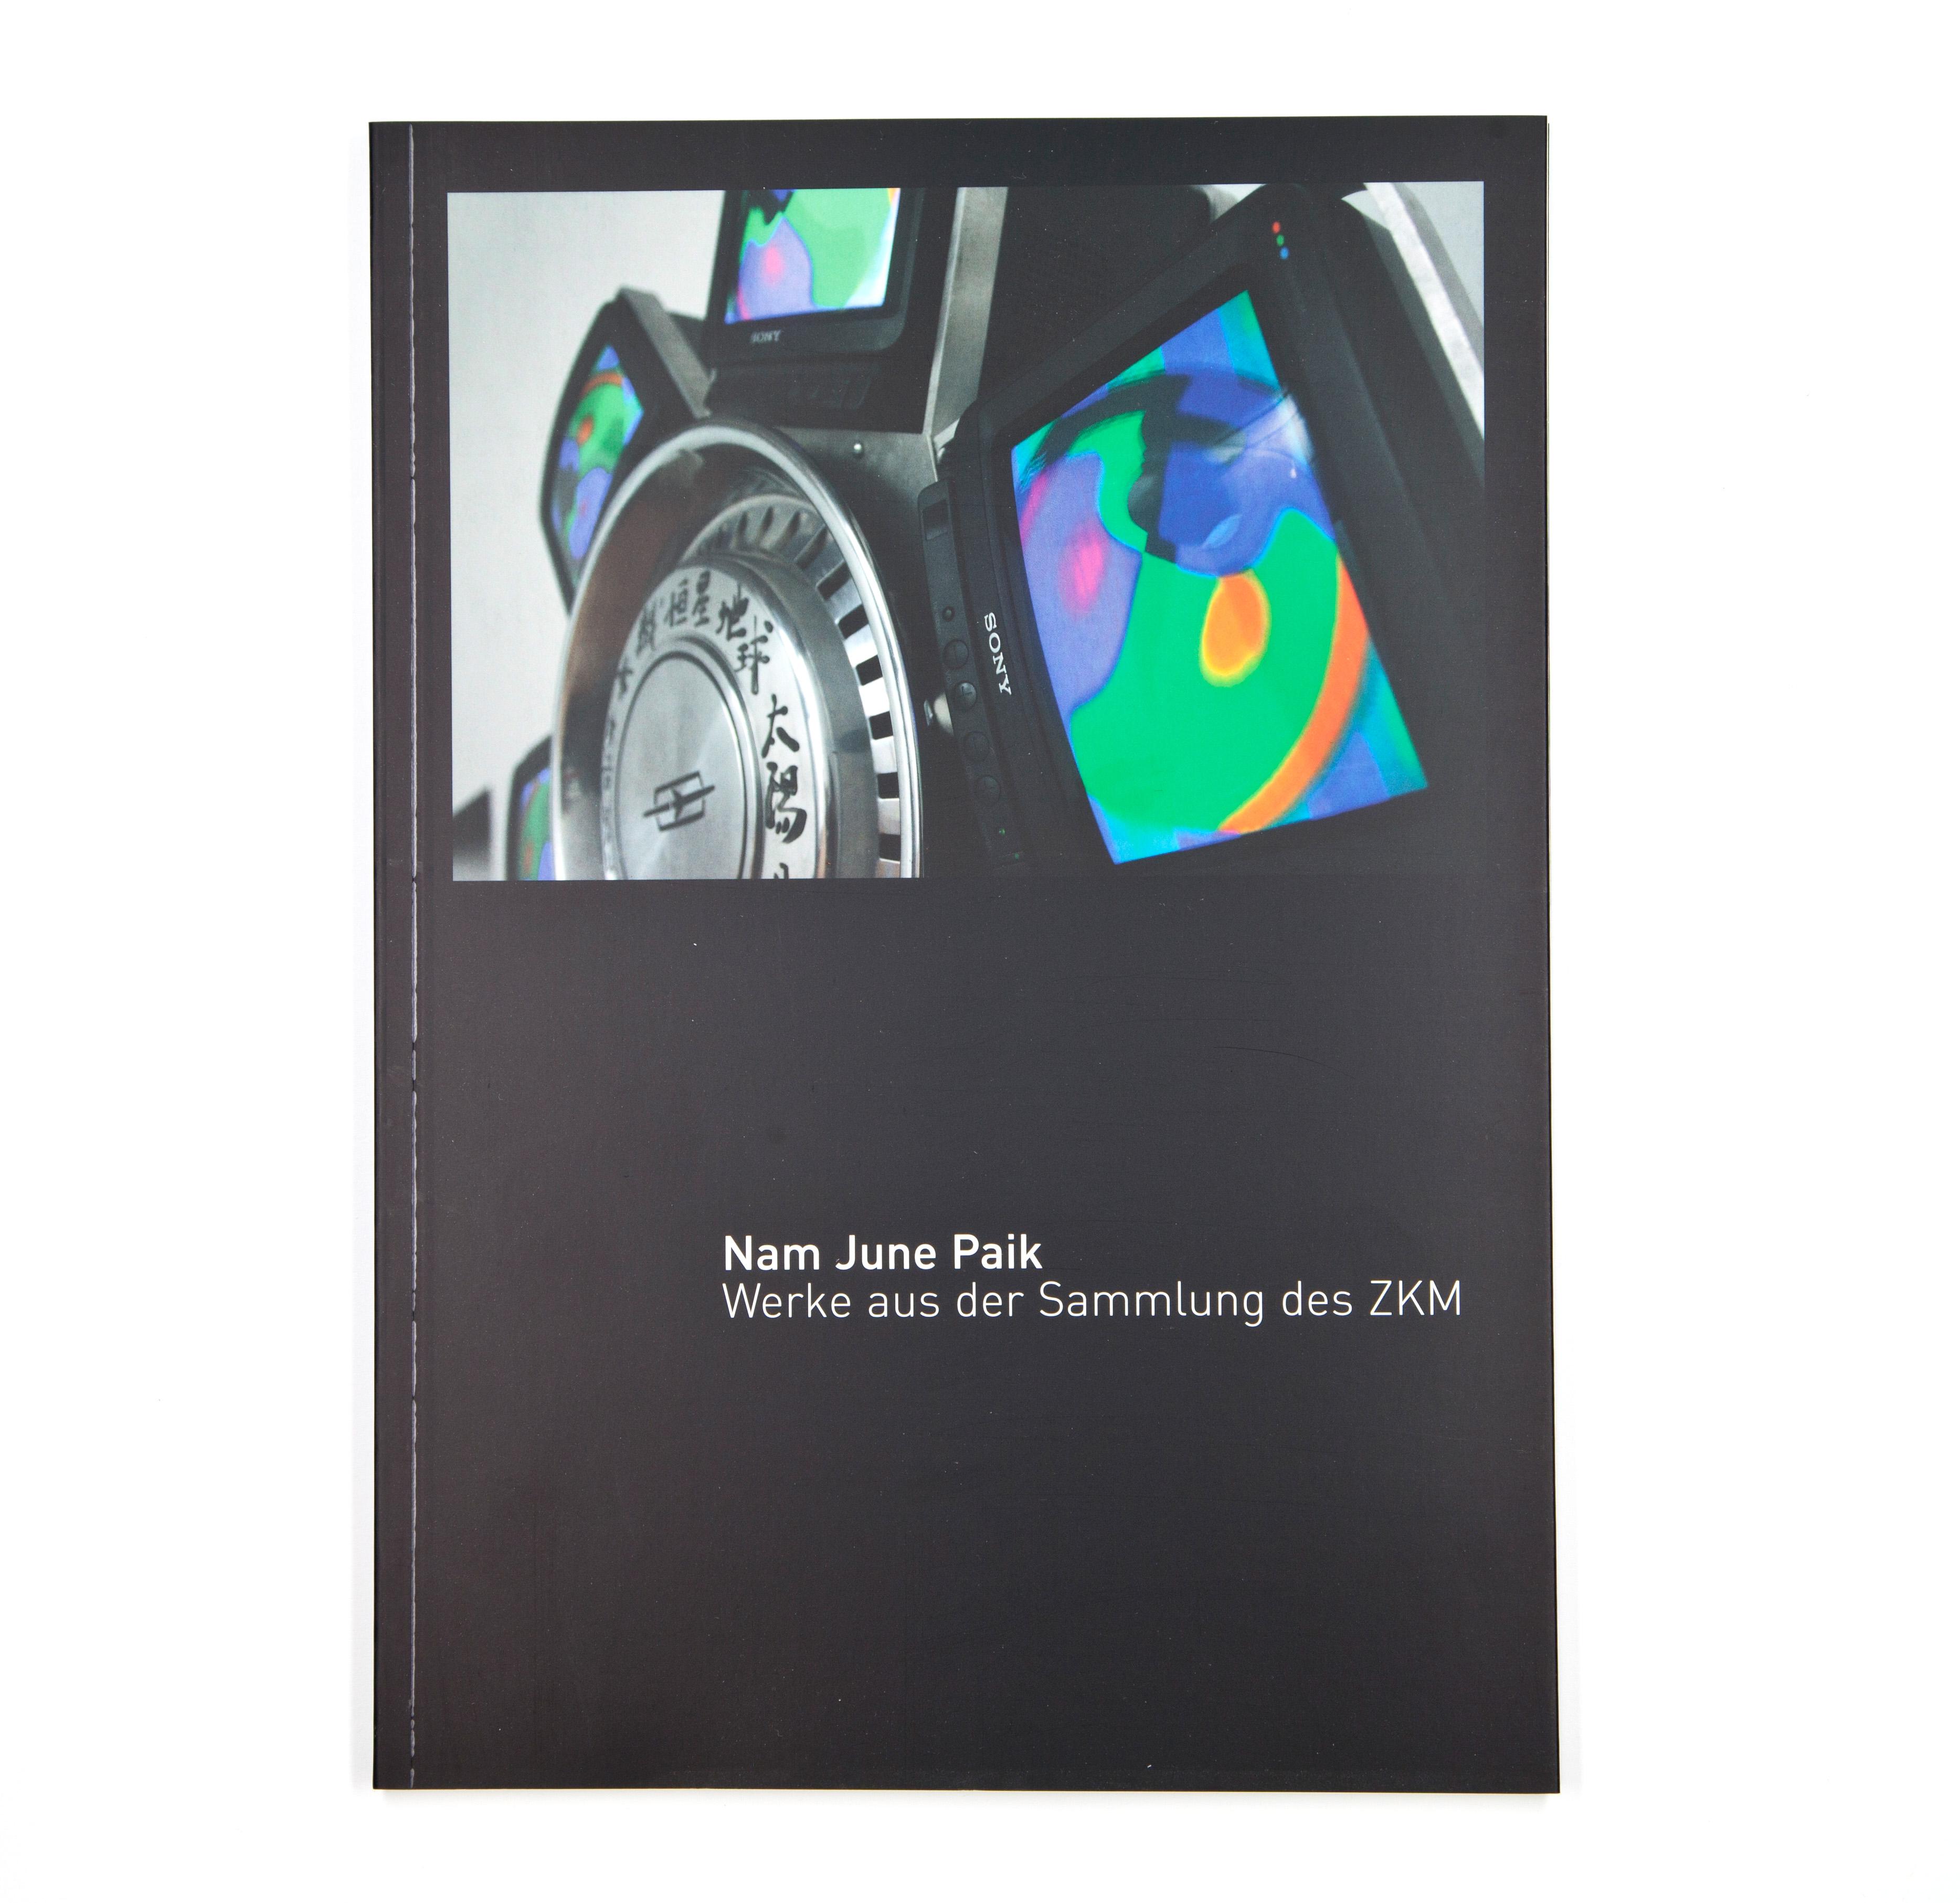 Nam June Paik. Werke aus der Sammlung des ZKM